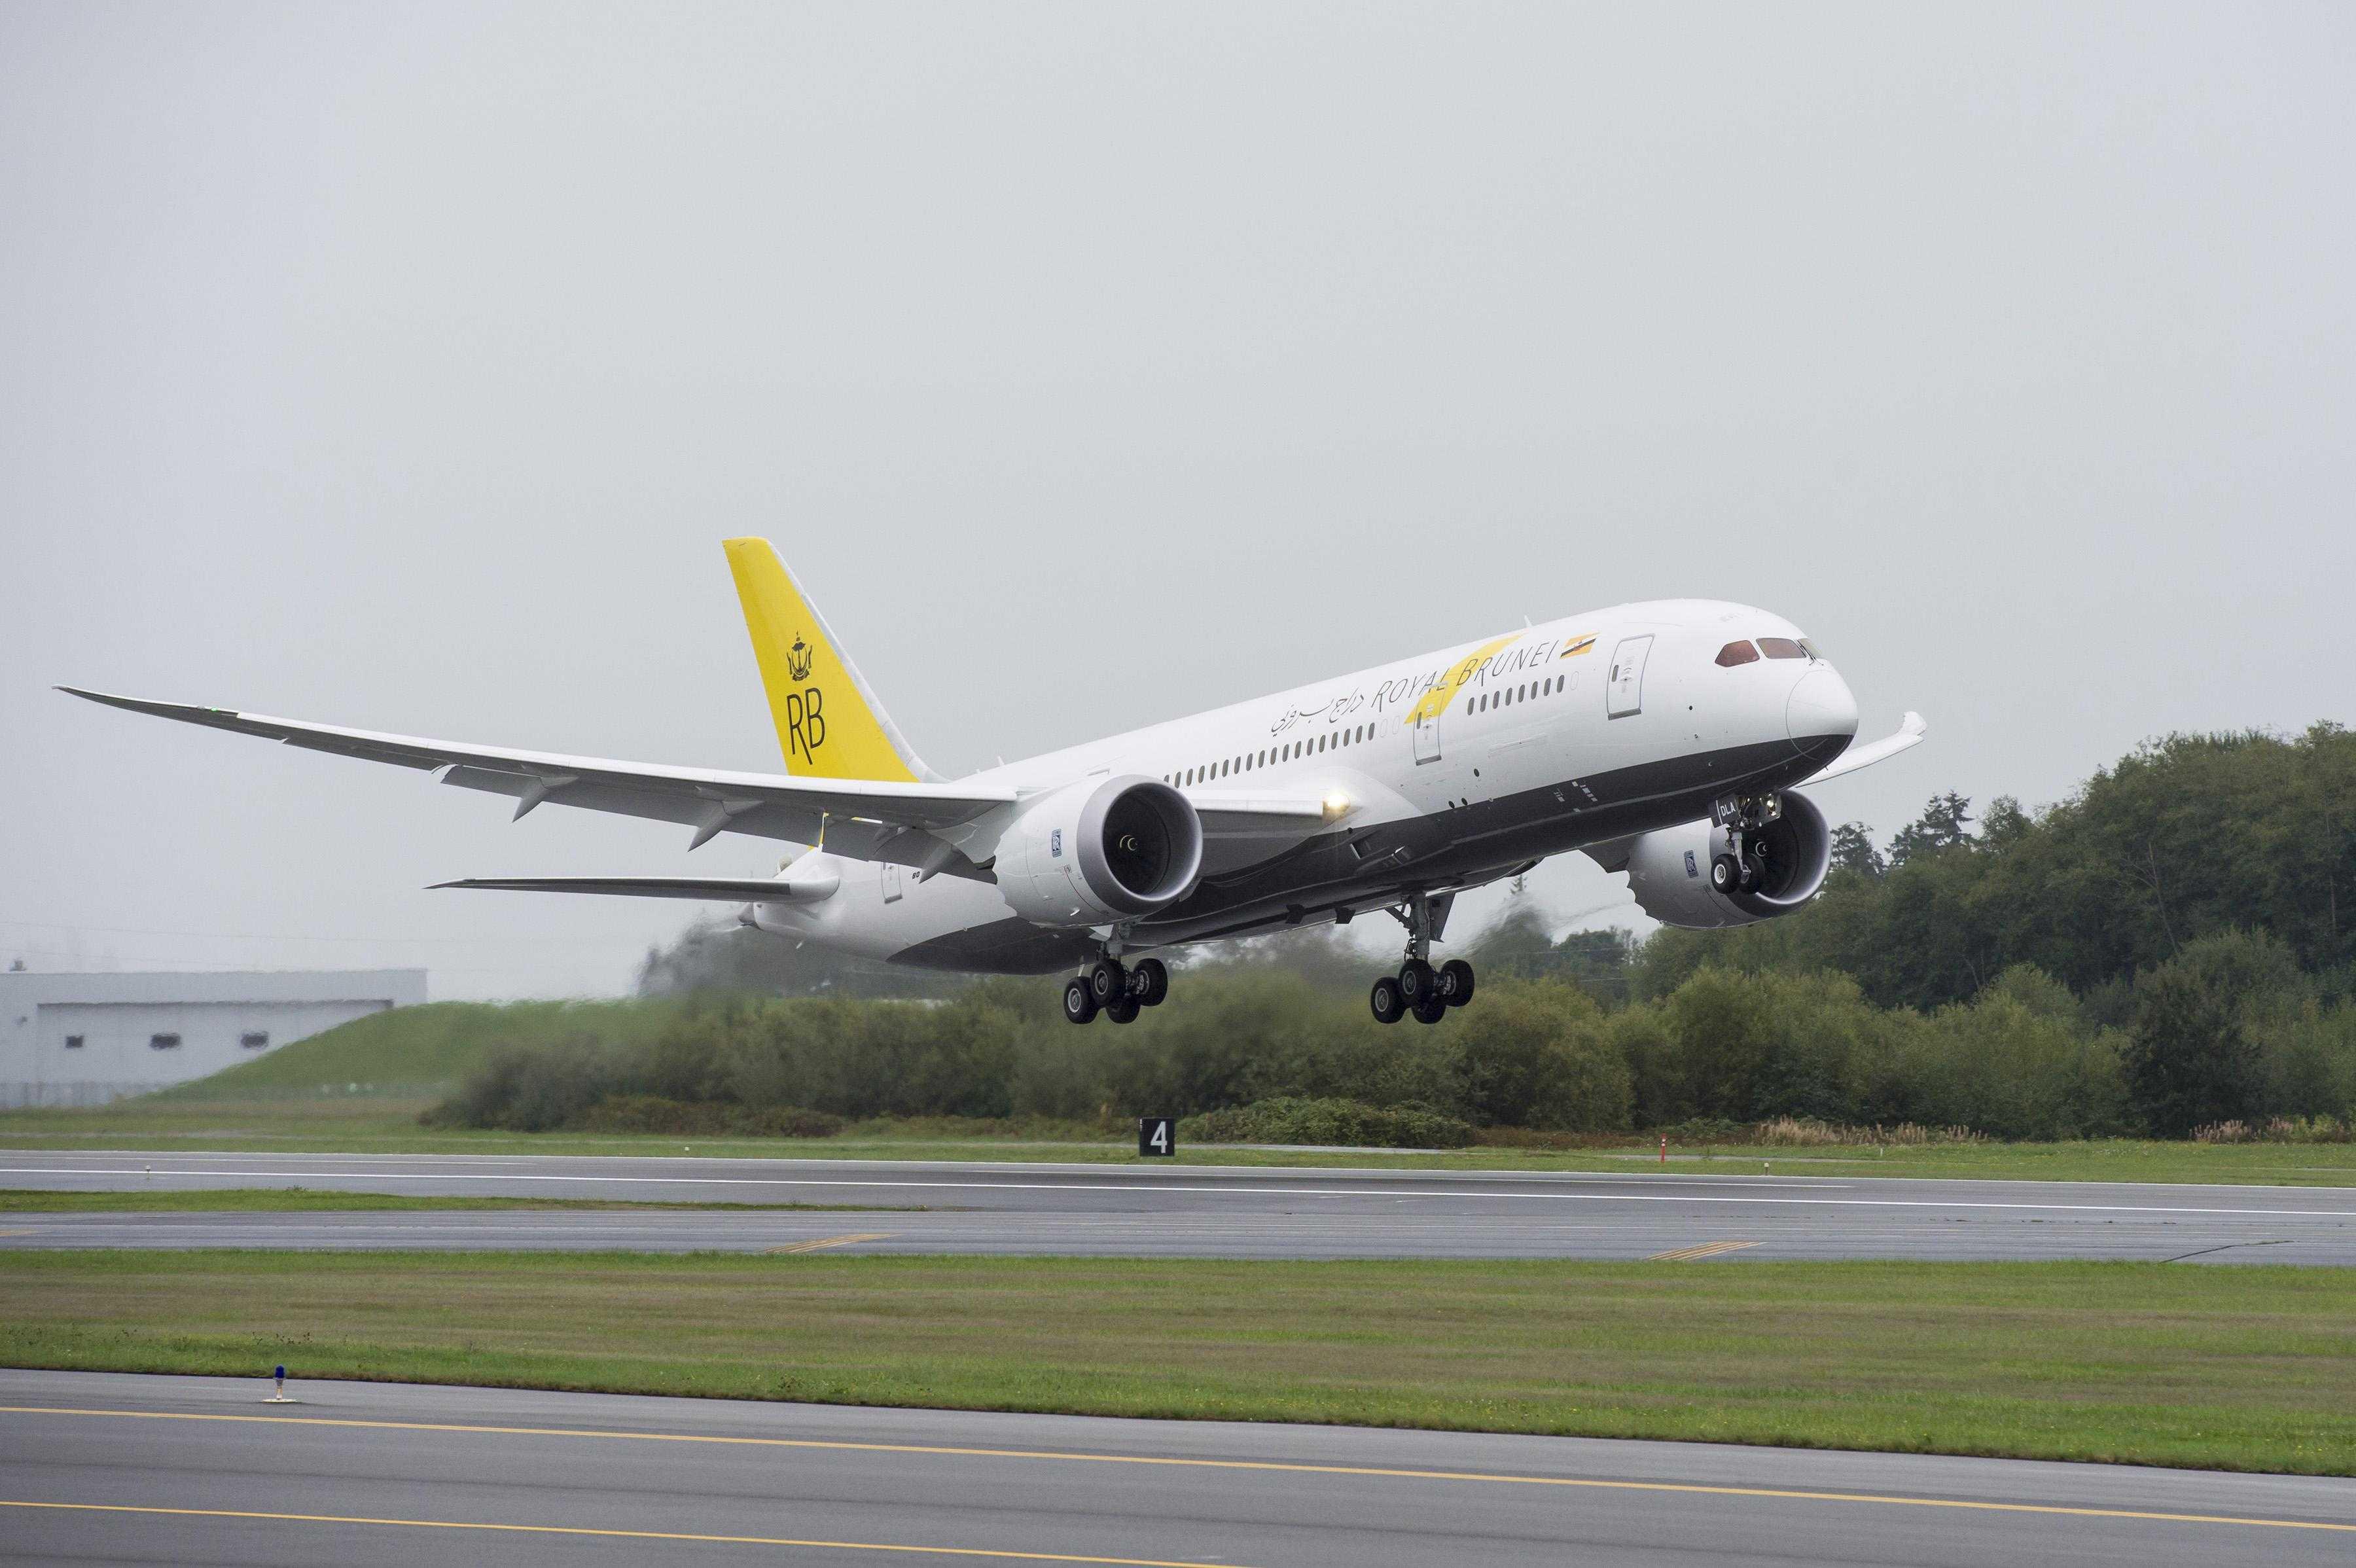 787 Dreamliner Royal Brunei Airlines